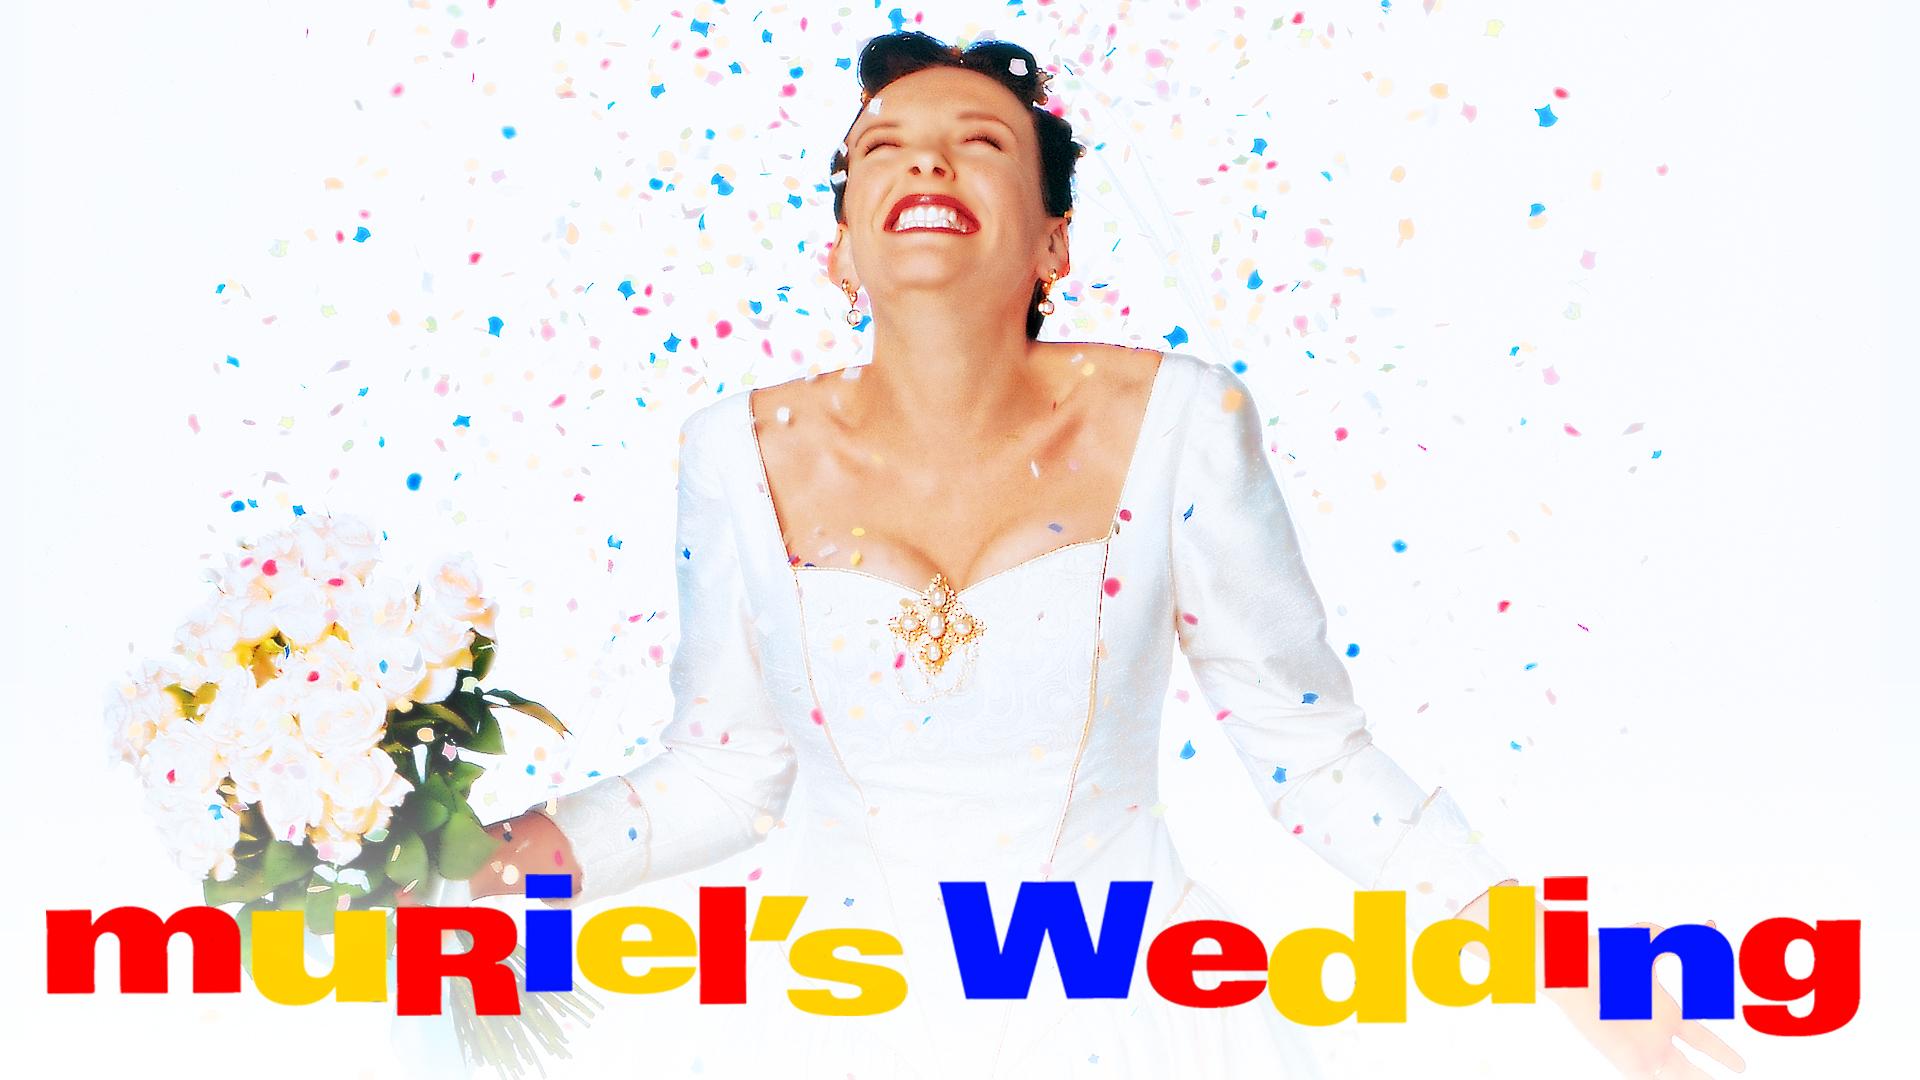 Muriel's Wedding - Official Trailer (HD)